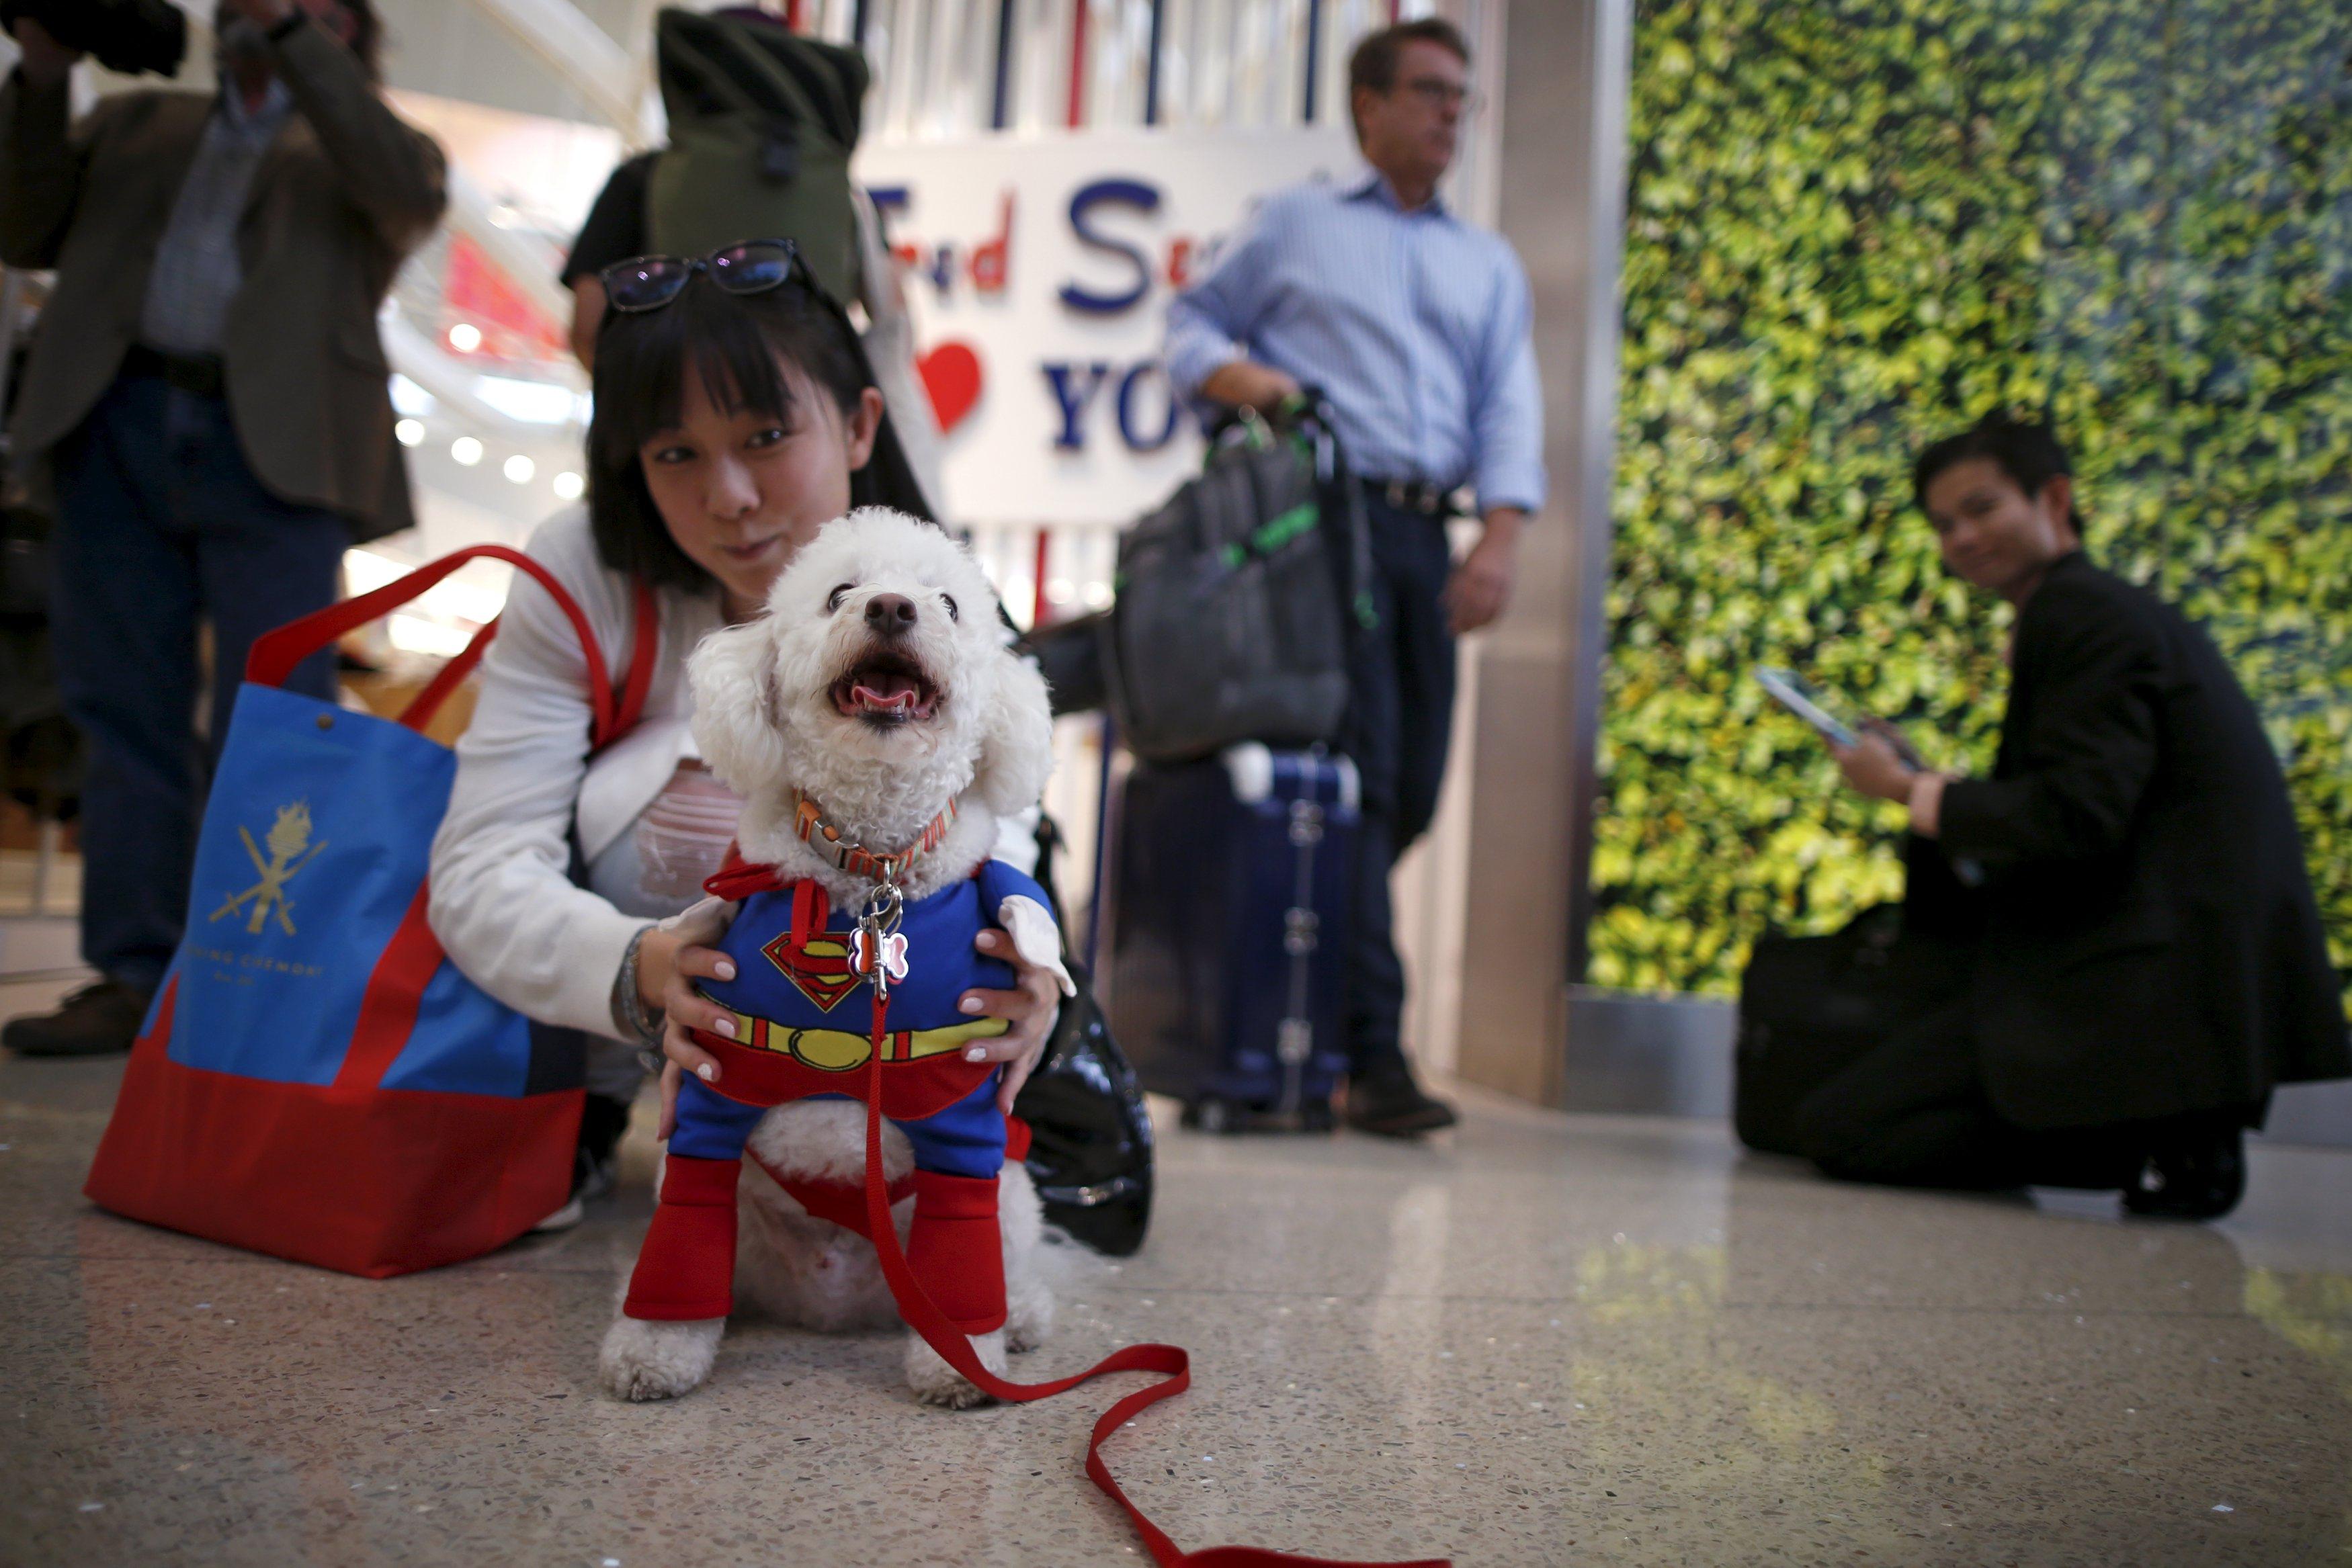 洛杉矶机场现新福利 狗狗盛装亮相与乘客互动超治愈